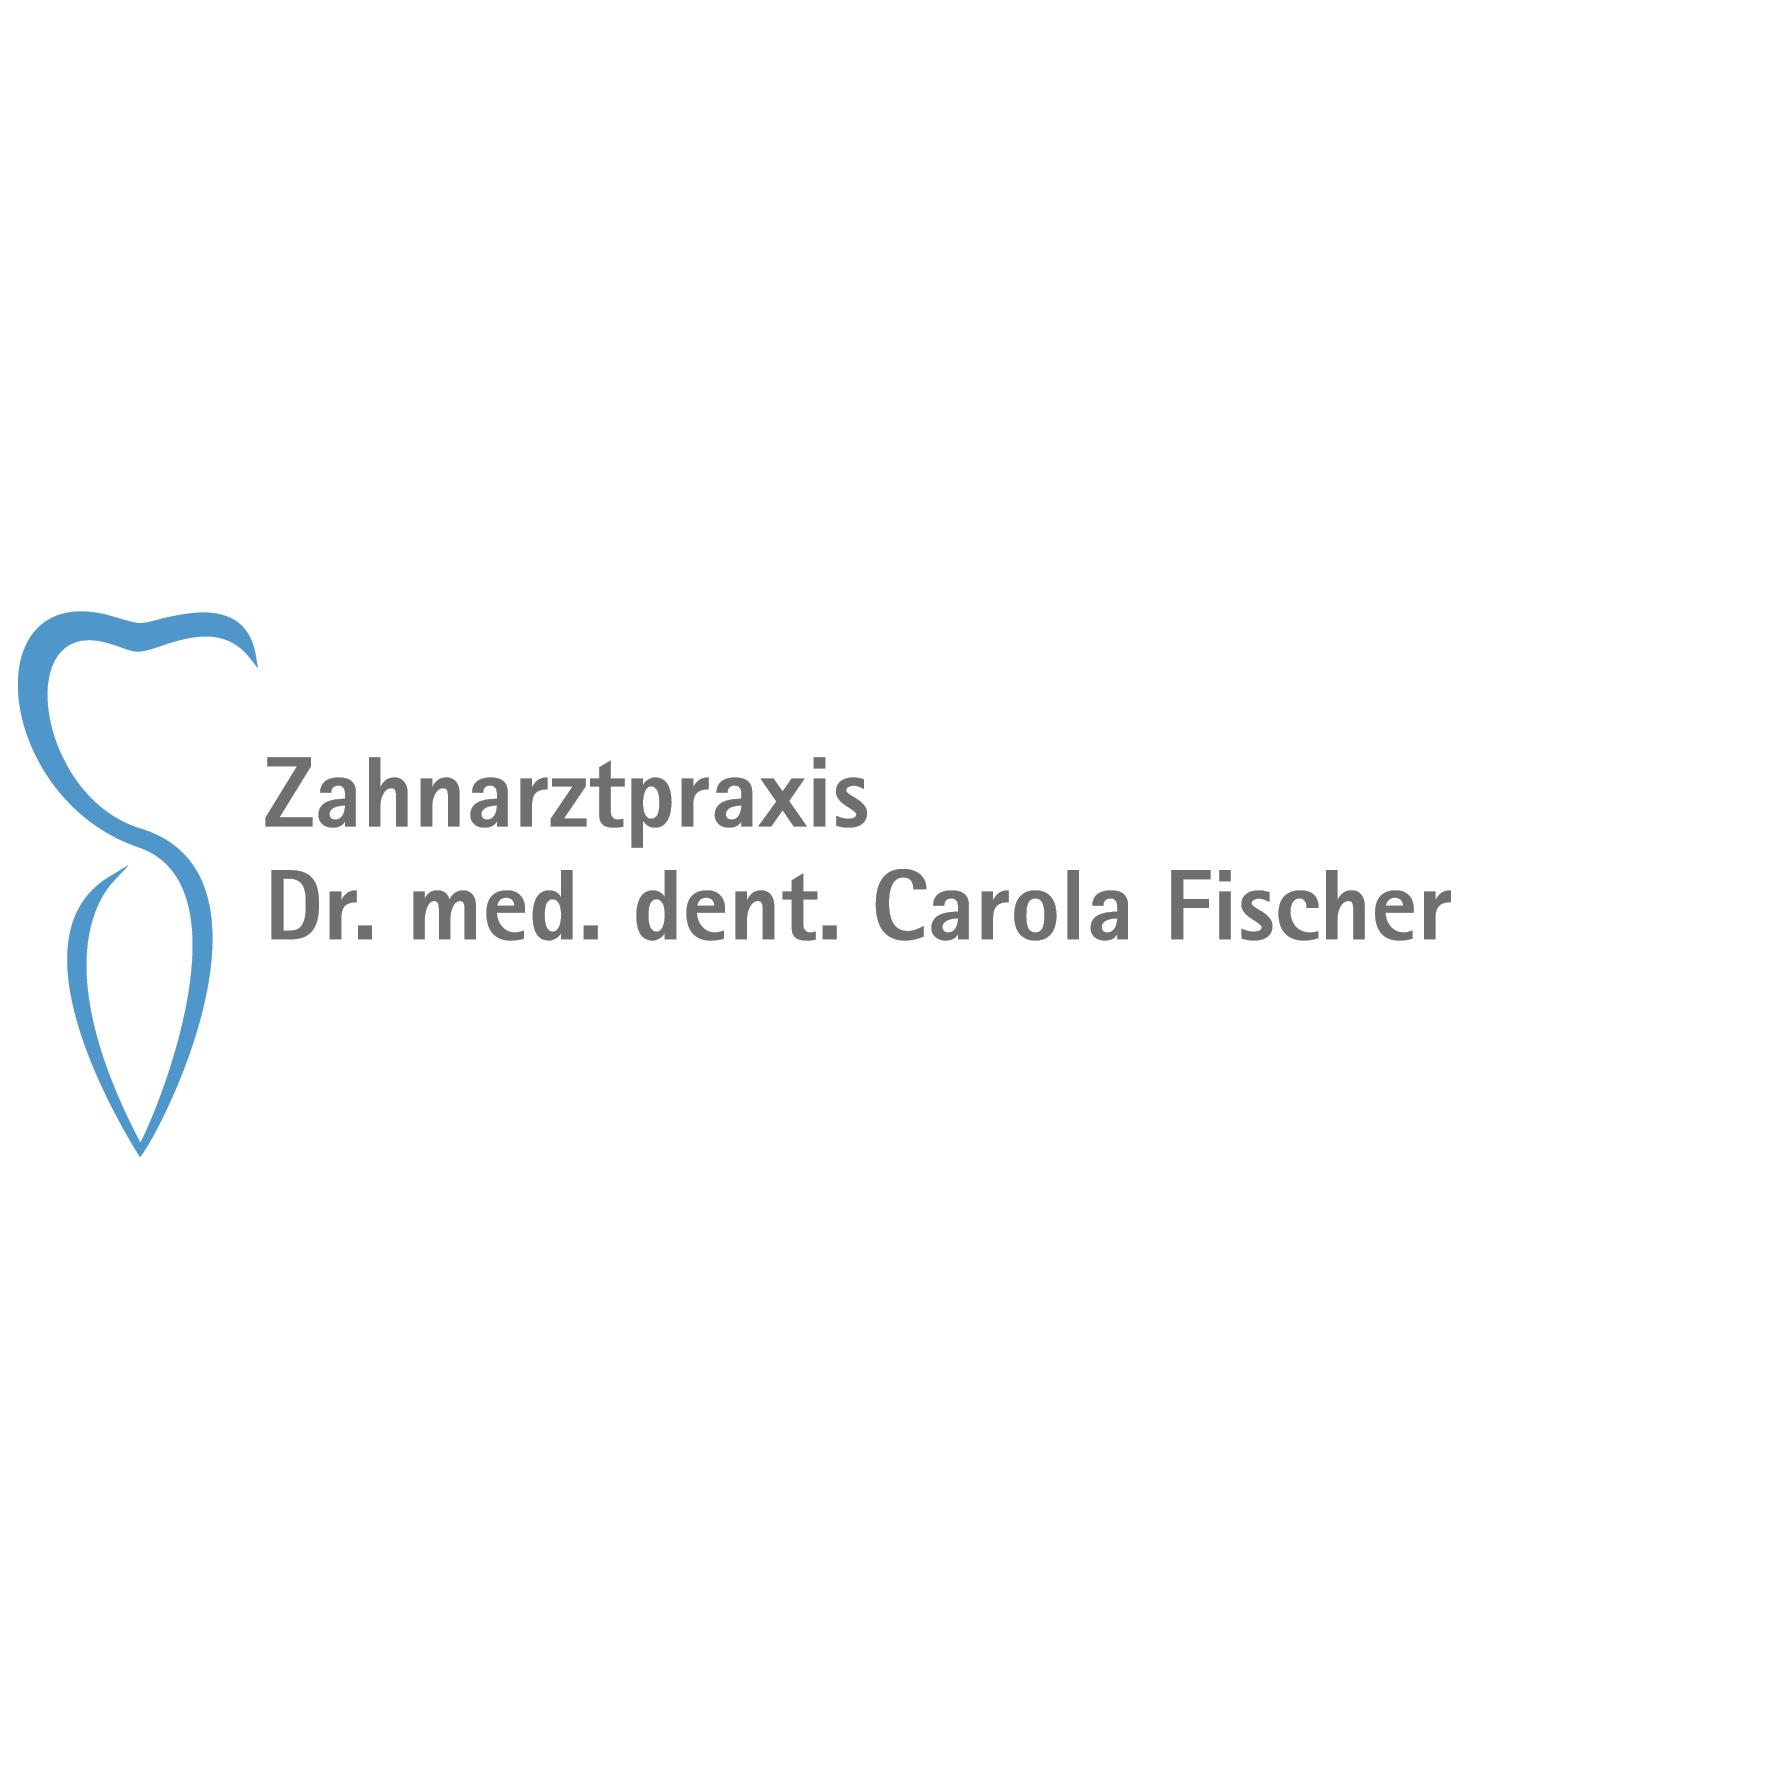 Zahnarztpraxis Dr. med. dent. Carola Fischer